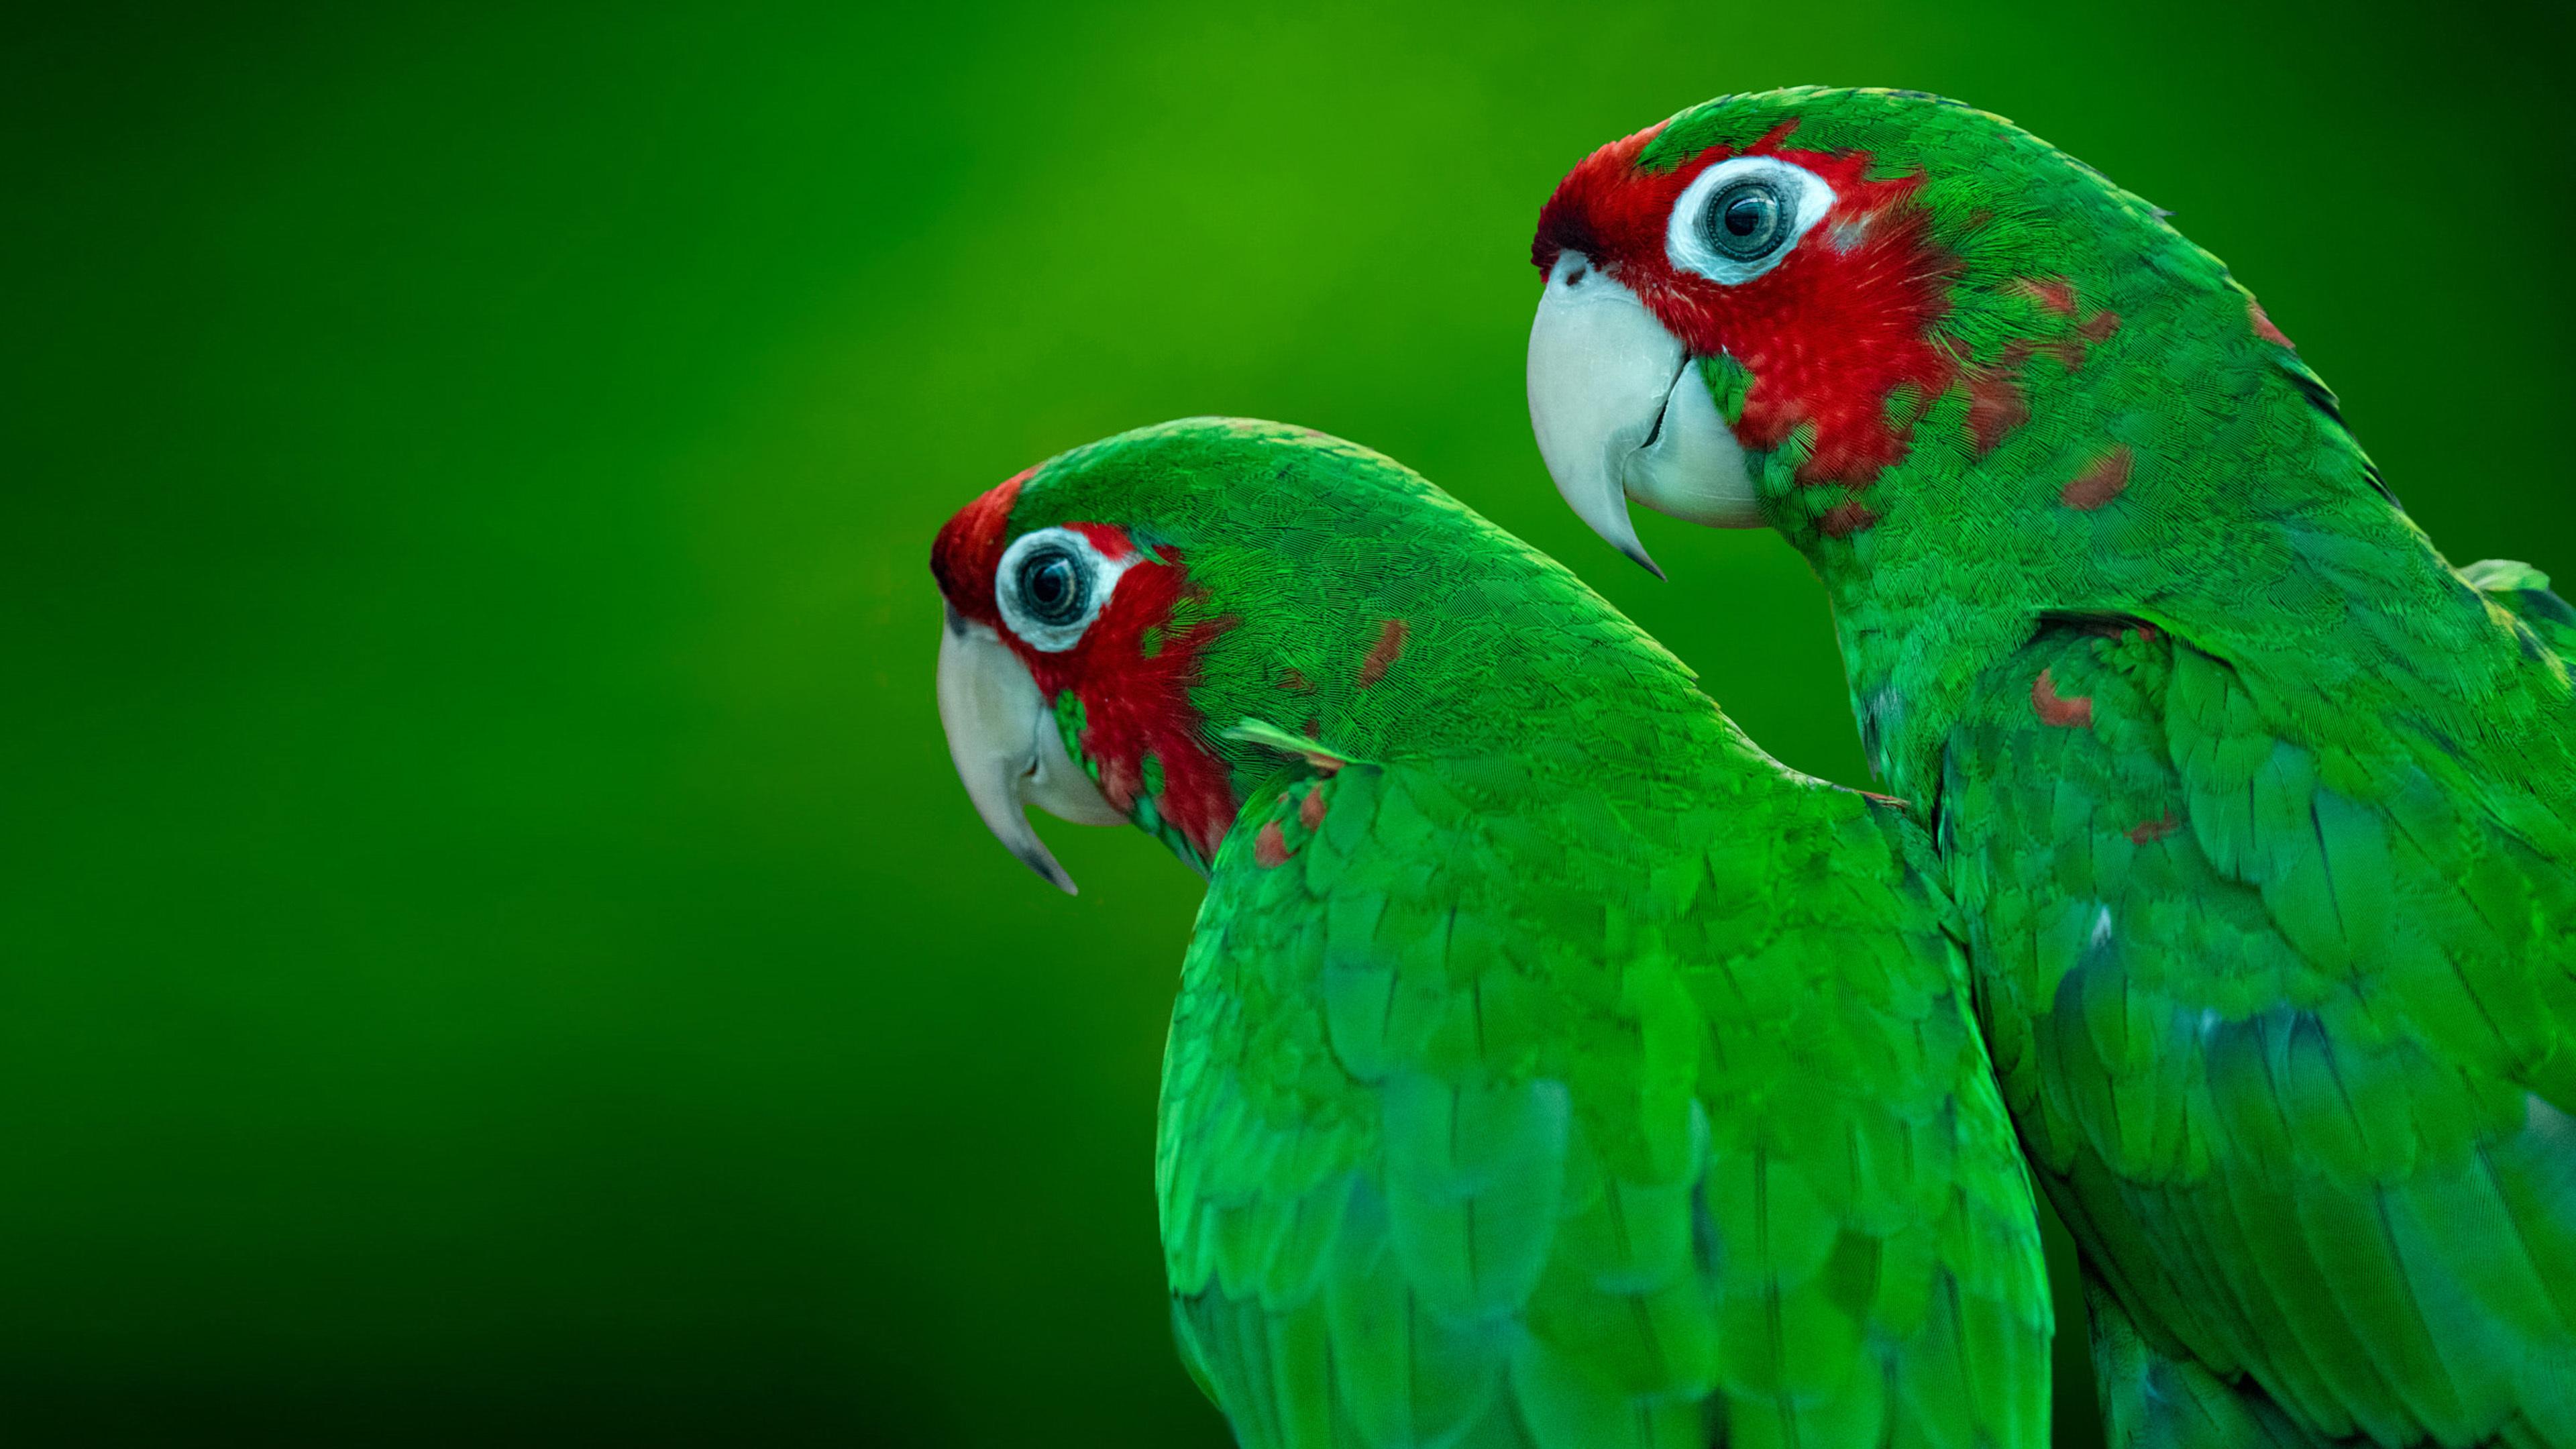 Картинка: Попугаи, пара, зелёные, краснощёкие